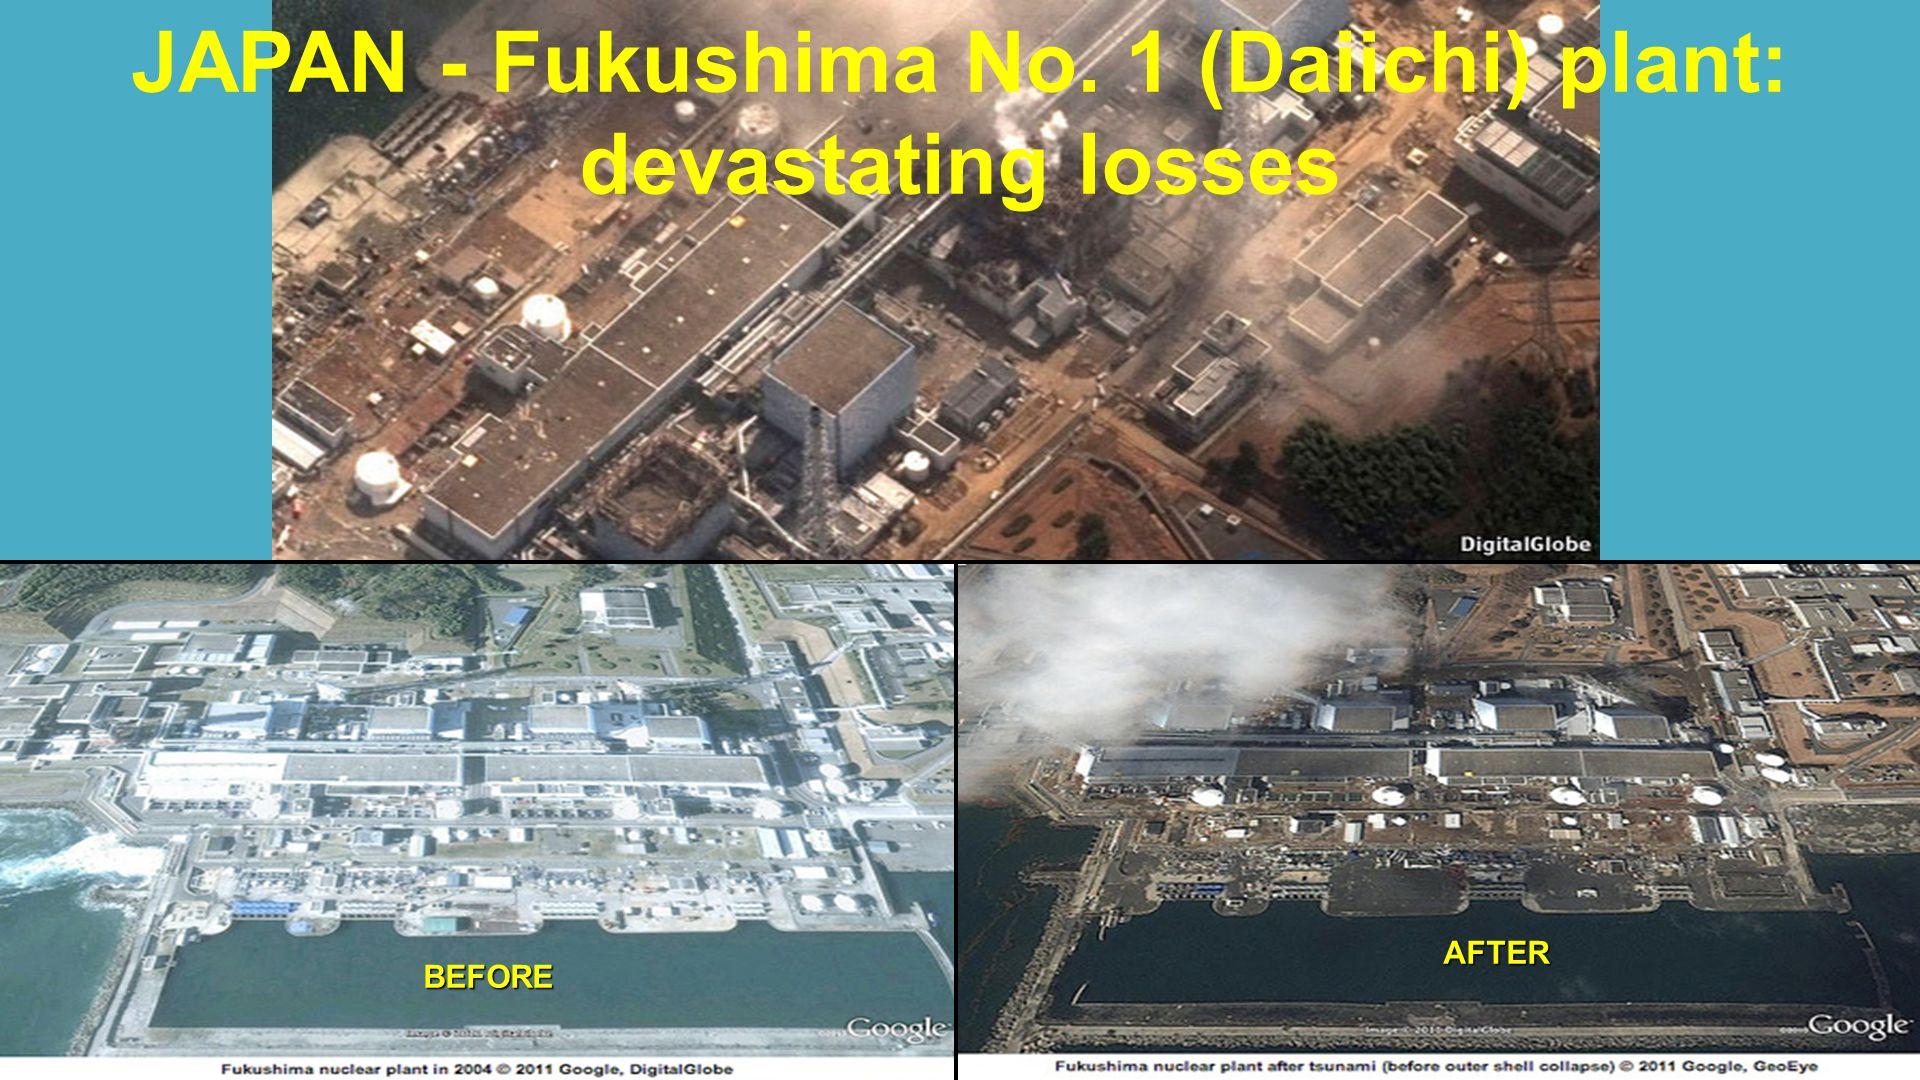 JAPAN - Fukushima No. 1 (Daiichi) plant: devastating lossesBEFORE AFTER